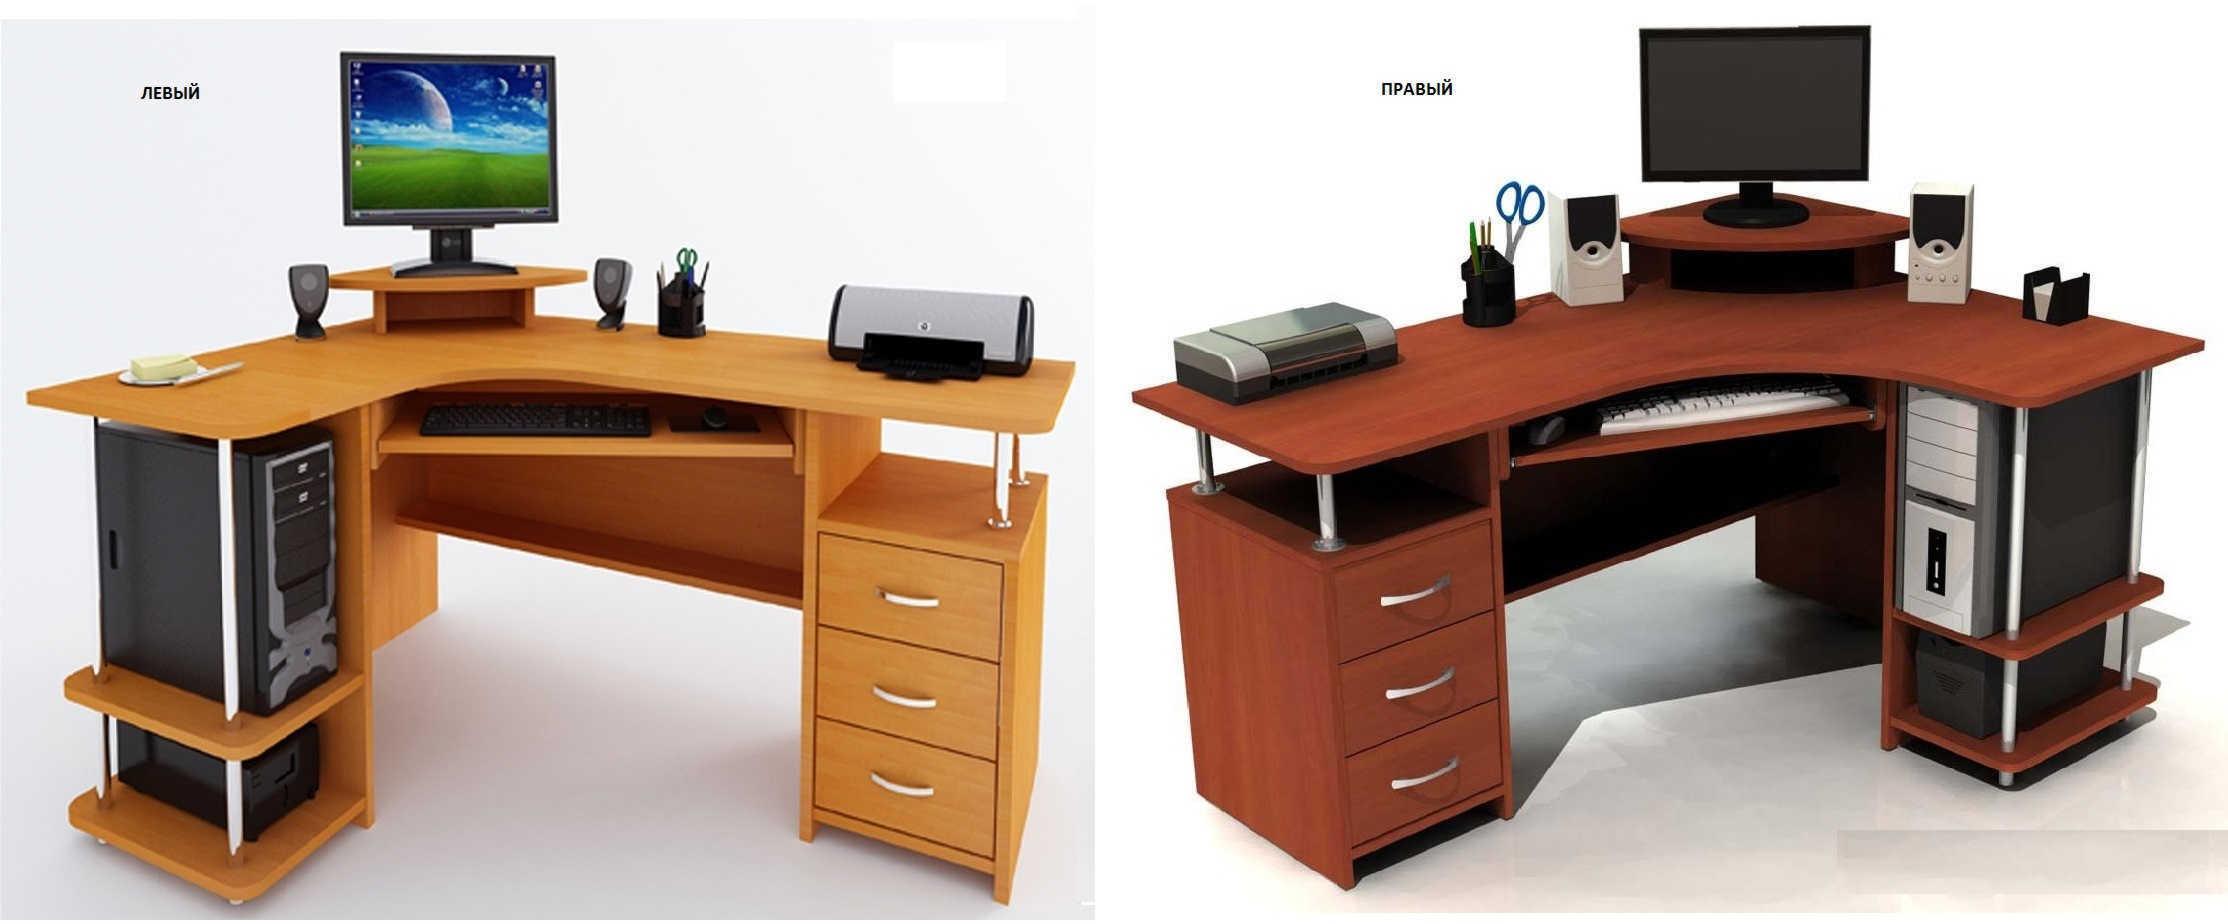 Компьютерный стол Компасс С 224 БН